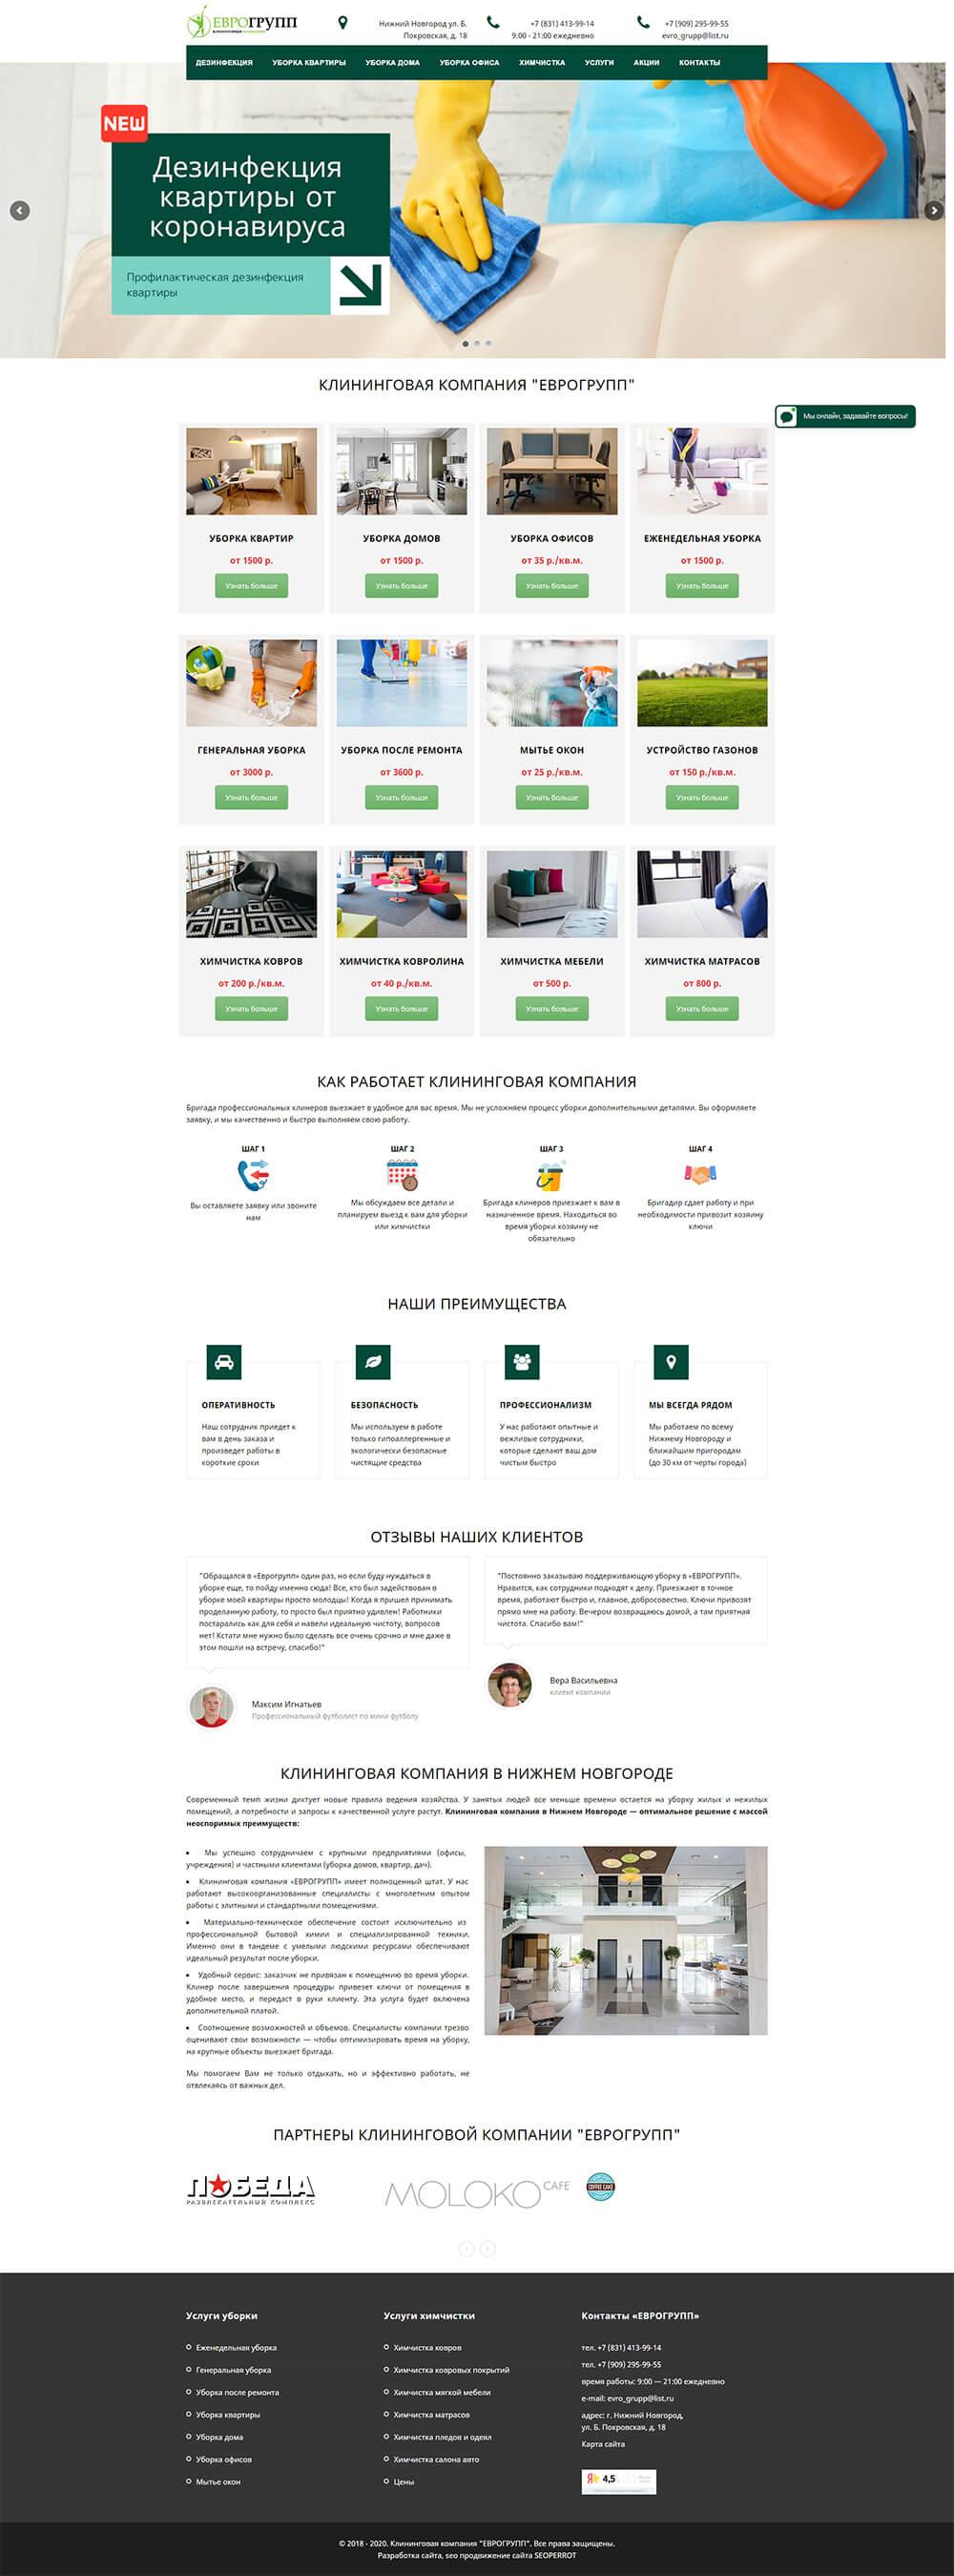 Главная страница сайта клининговой компании